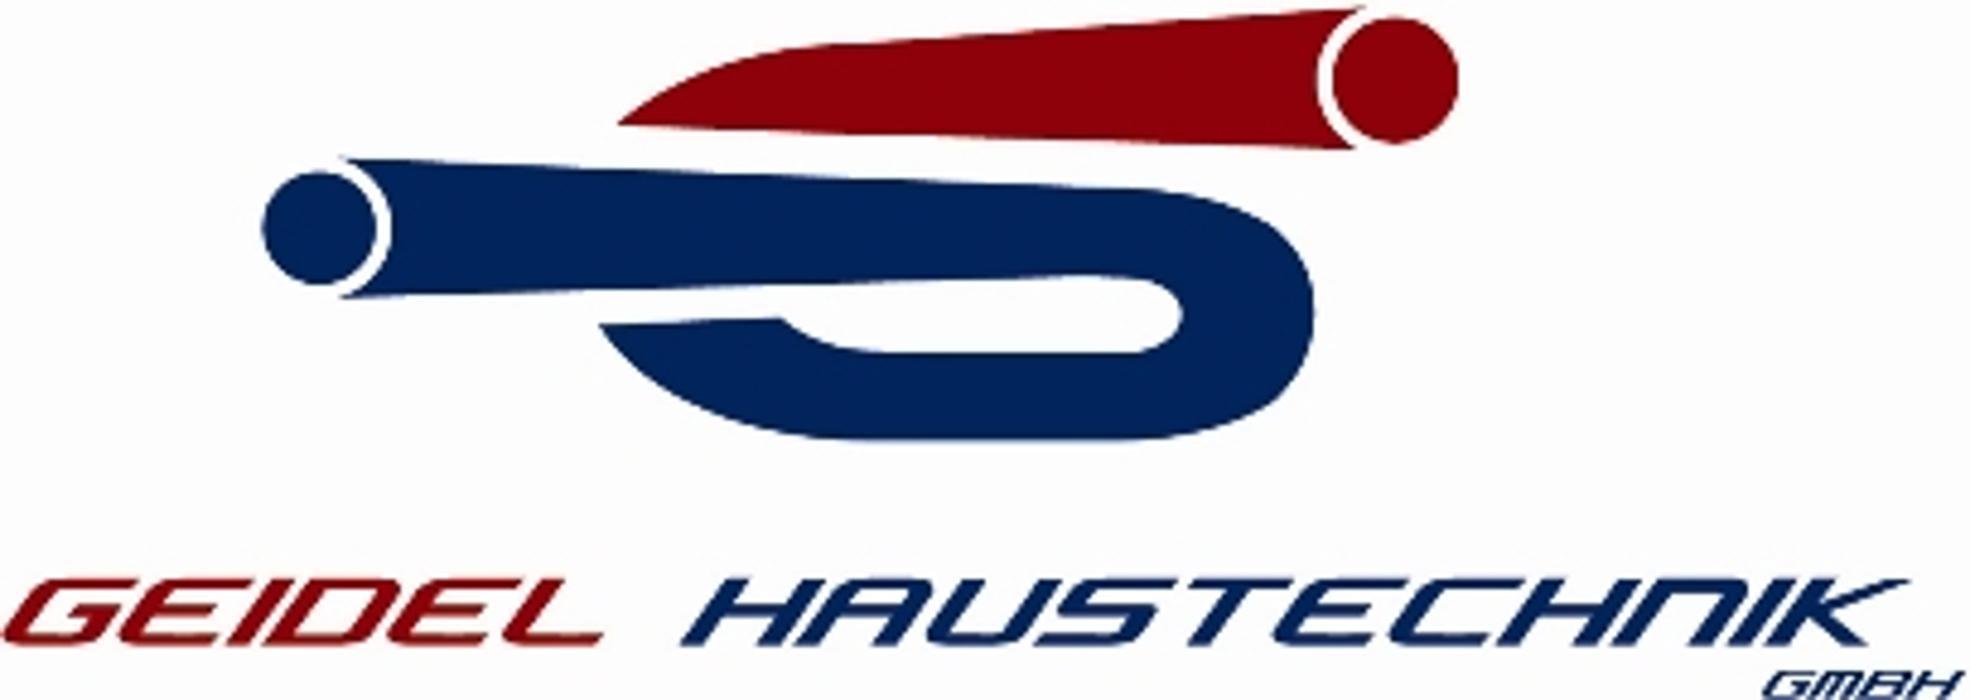 Bild zu Geidel Haustechnik GmbH Gas- und Wasserinstallateur in Schwielowsee